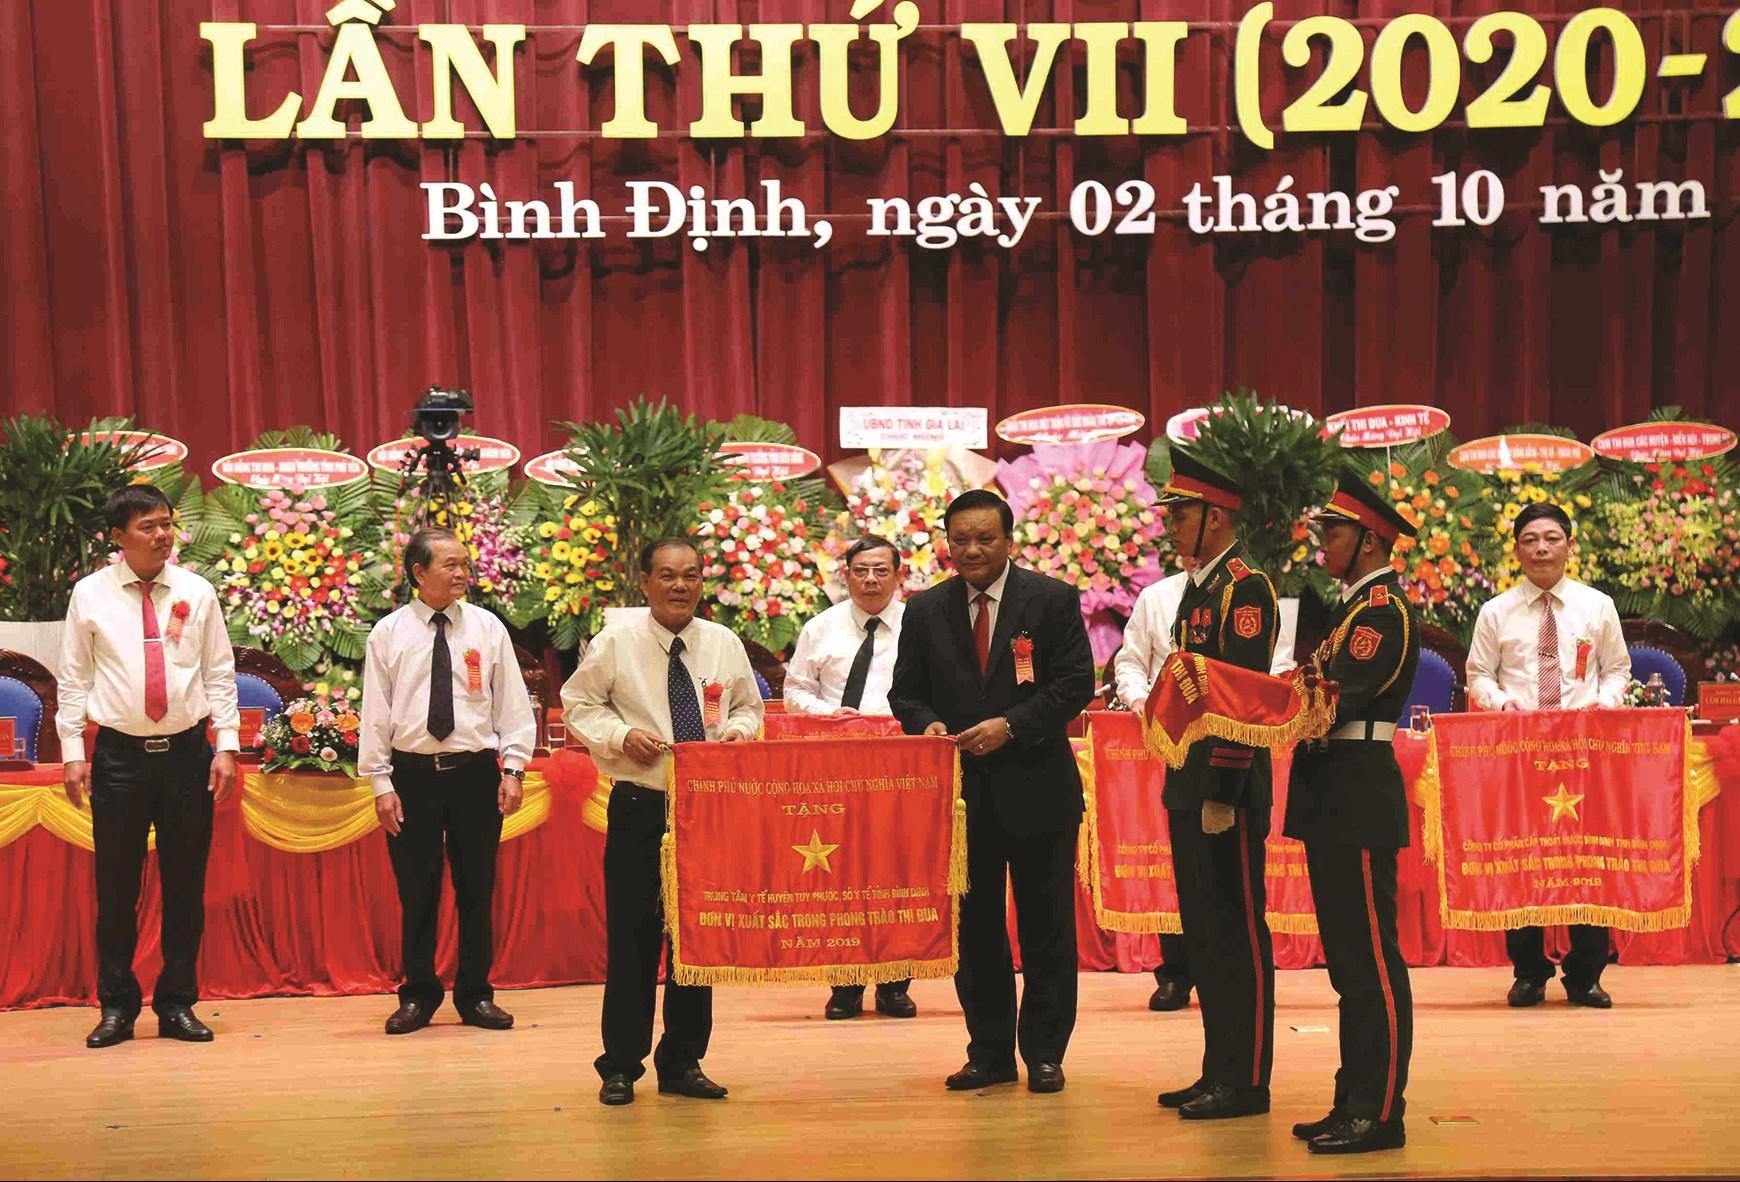 Lãnh đạo tỉnh Bình Định tặng Cờ thi đua cho các tập thể, cá nhân có thành tích xuất sắc.